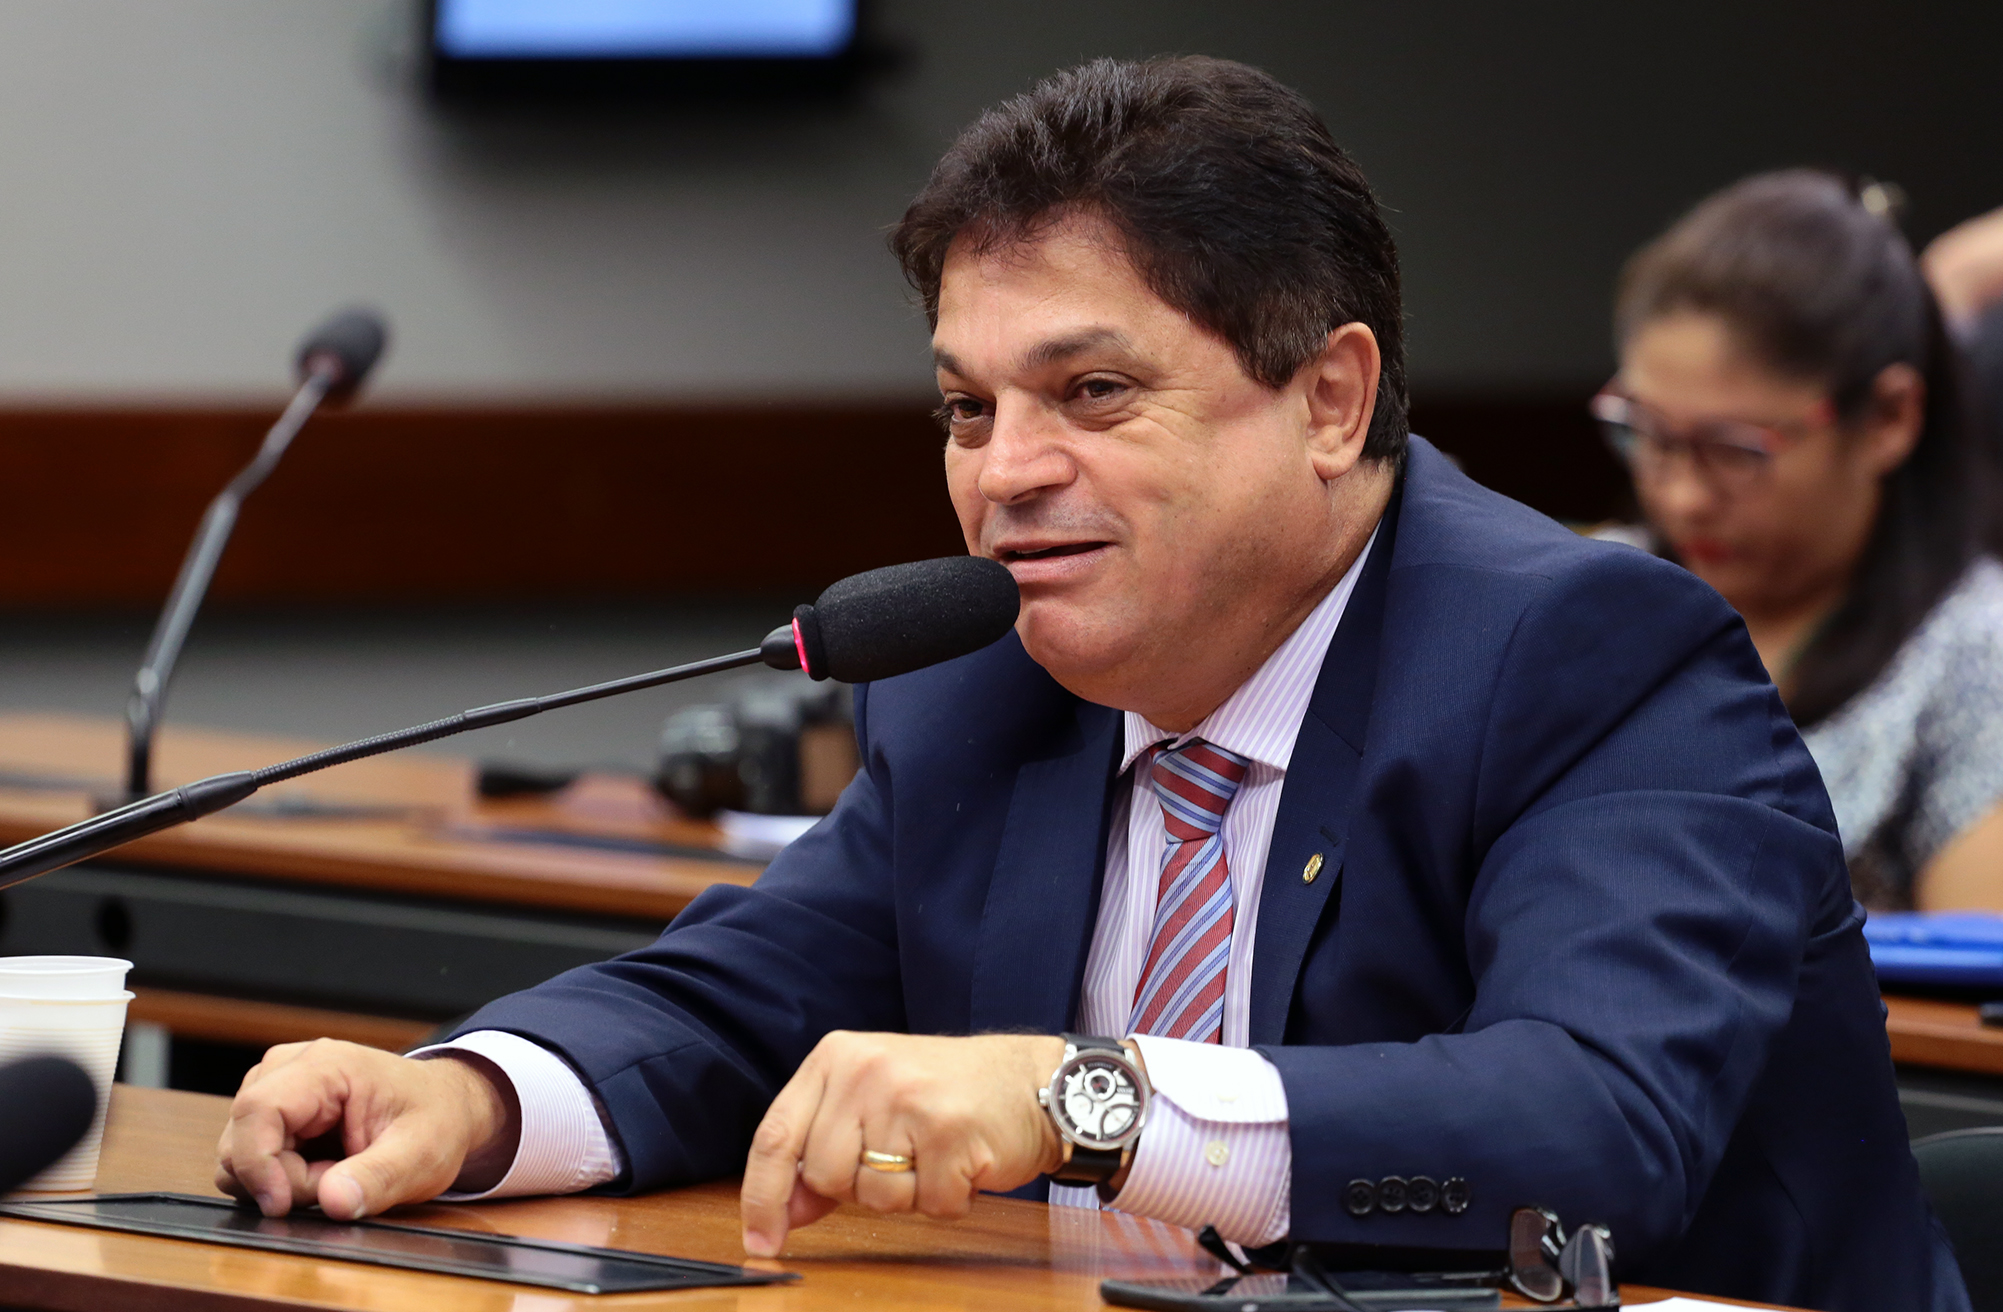 Audiência Pública sobre as medidas cautelares pessoais. Dep. João Rodrigues (PSD - SC)